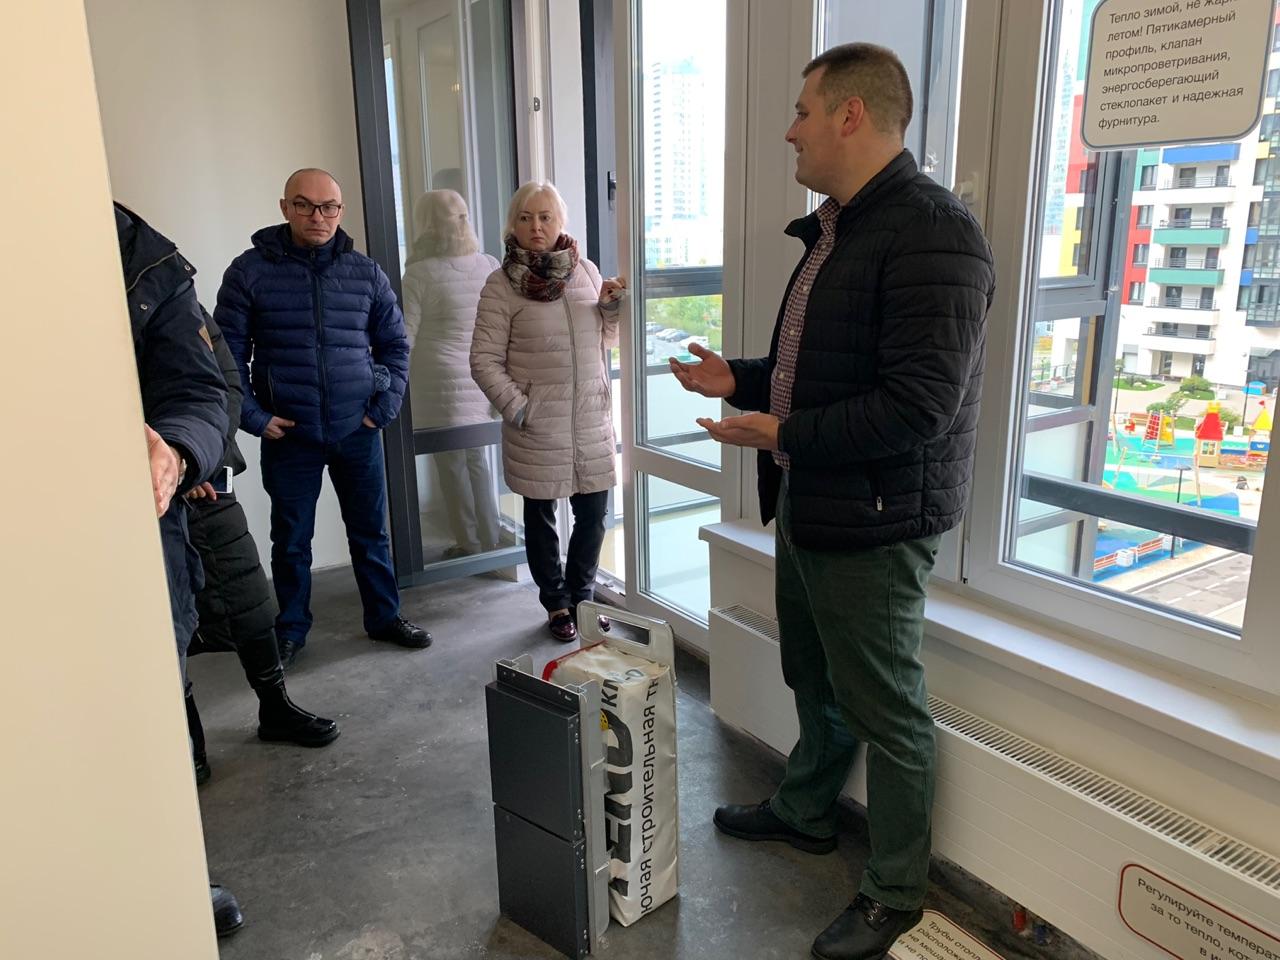 Опыт северной столицы: почему сотрудники LEGENDA показывают покупателям дома конкурентов